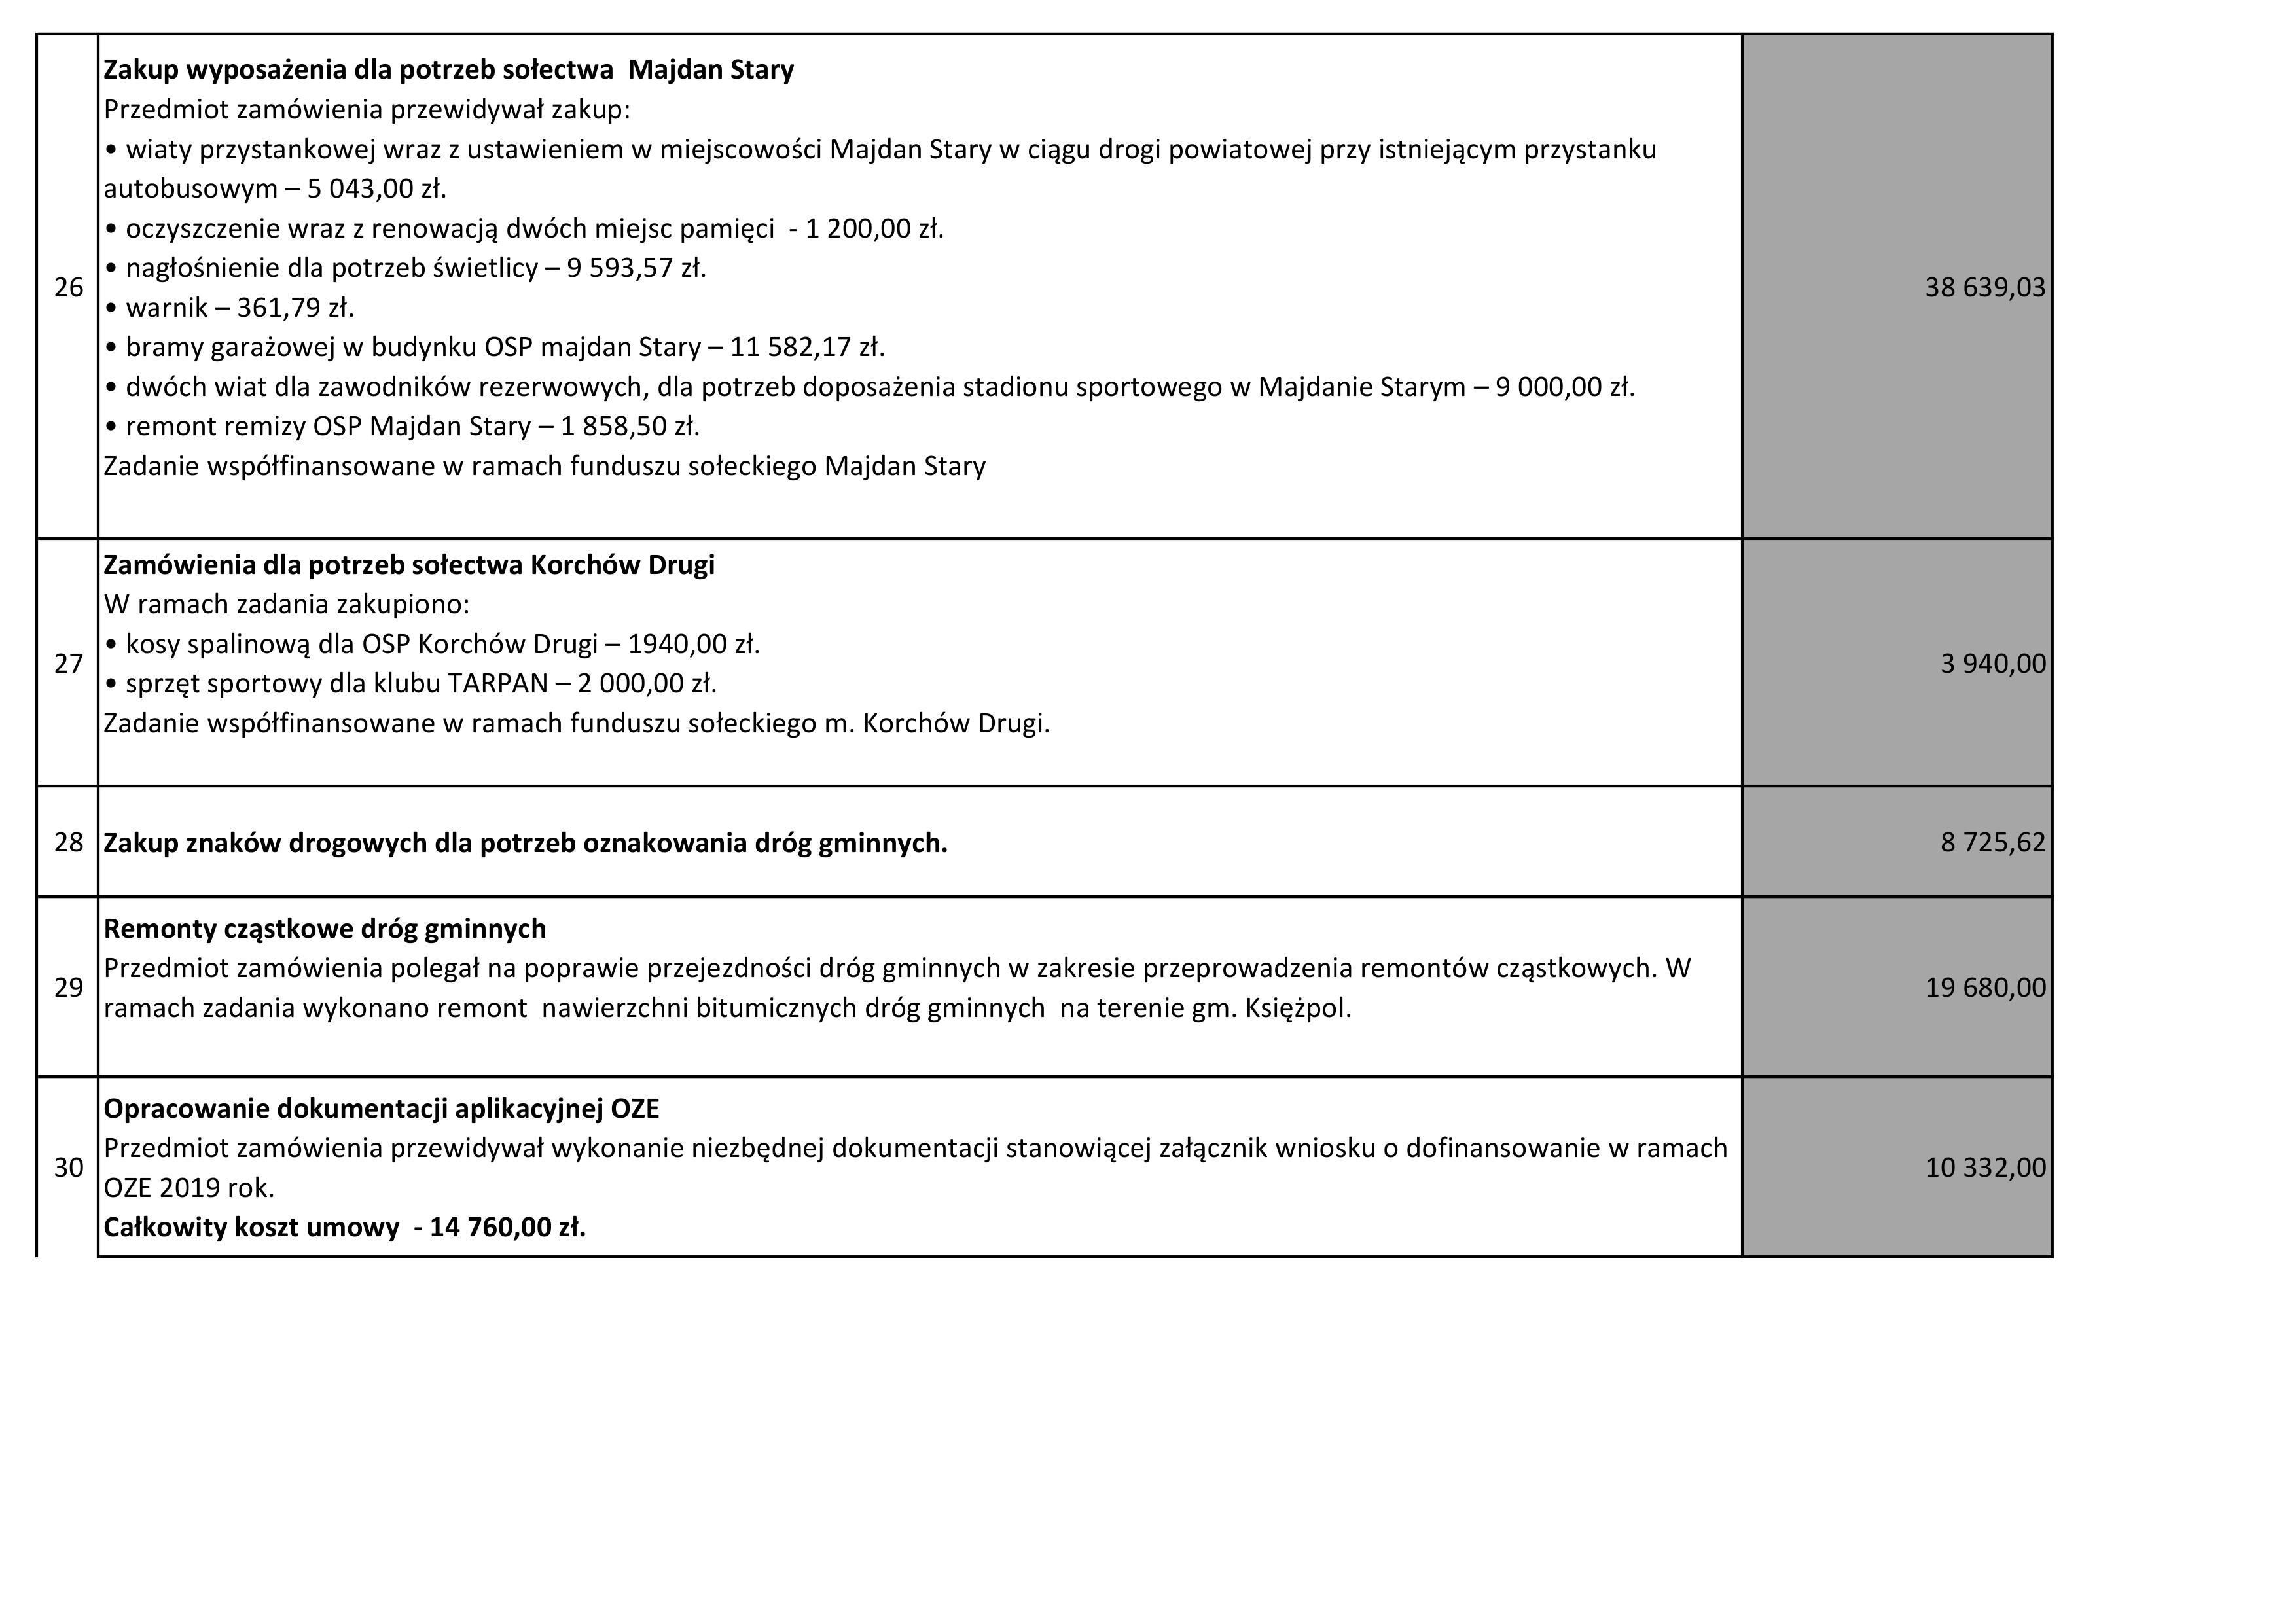 Wykaz inwestycji zrealizowanych na terenie Gminy Księżpol w 2019 r.